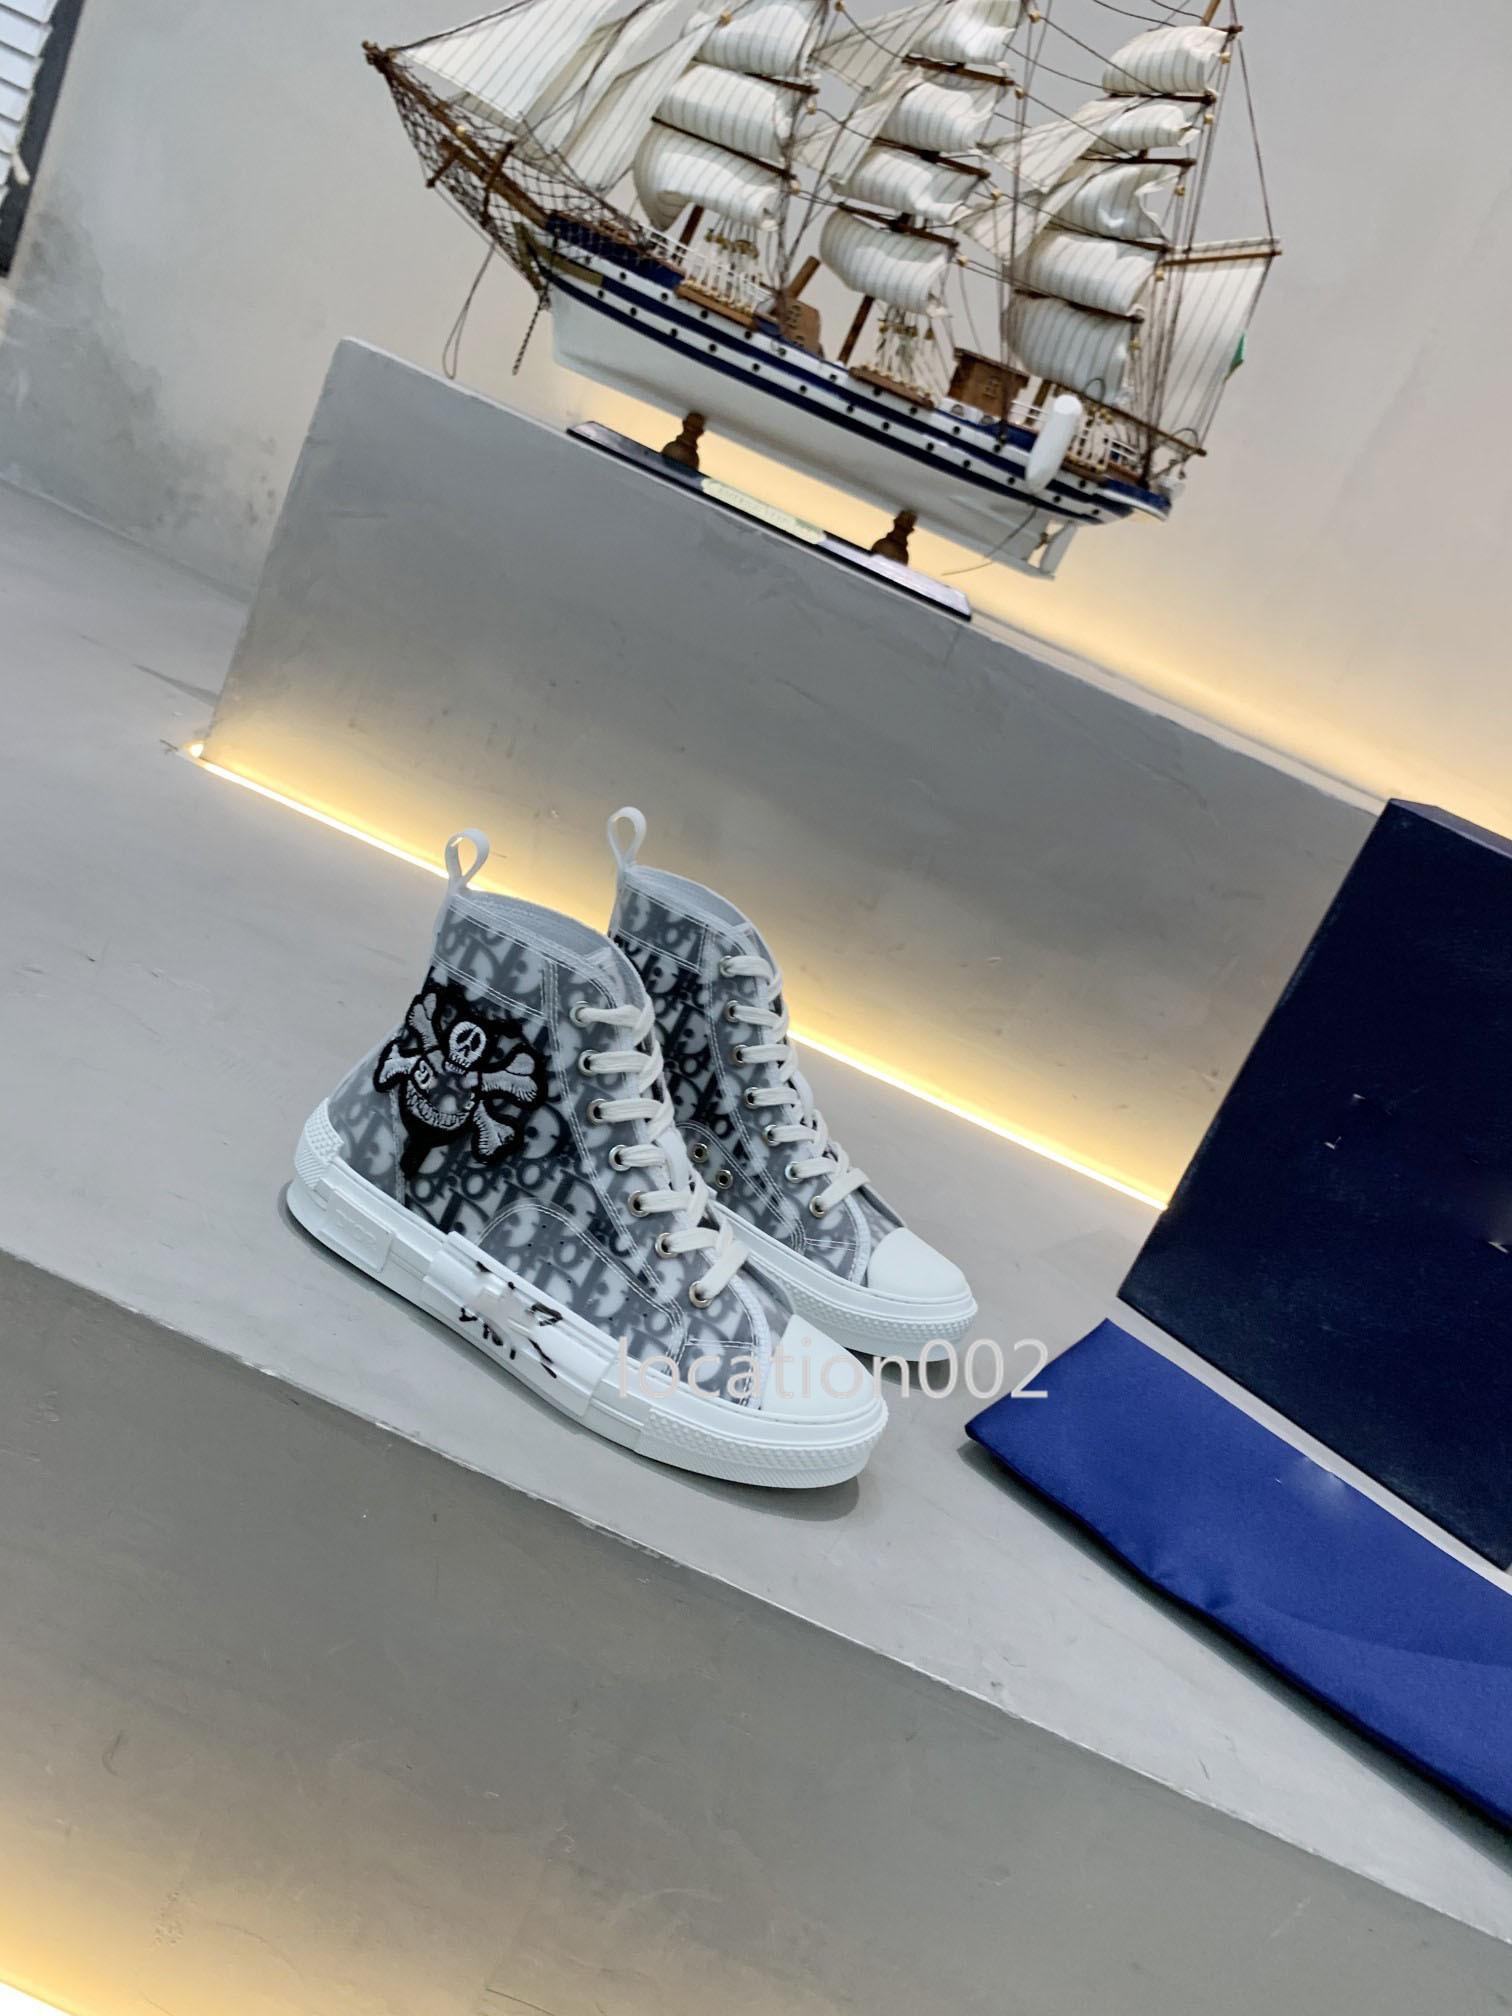 Dior flor Diagonal Tess los calzados informales de diseño de moda inferior grueso Triple S zapatillas de deporte de los hombres retros de Healer calza botas S Casual